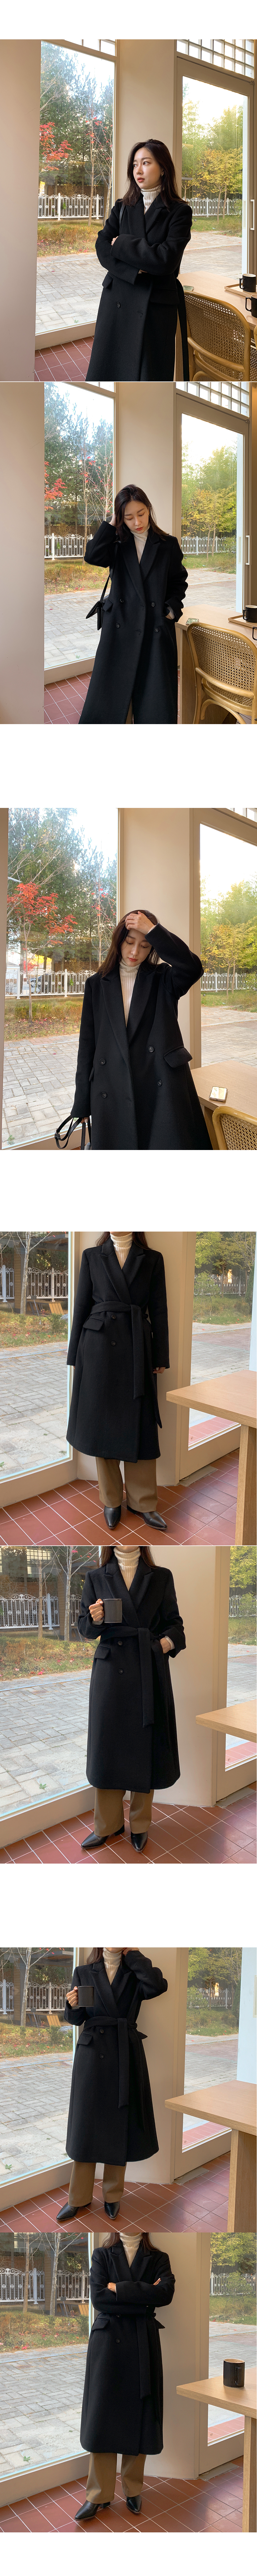 Classic double coat